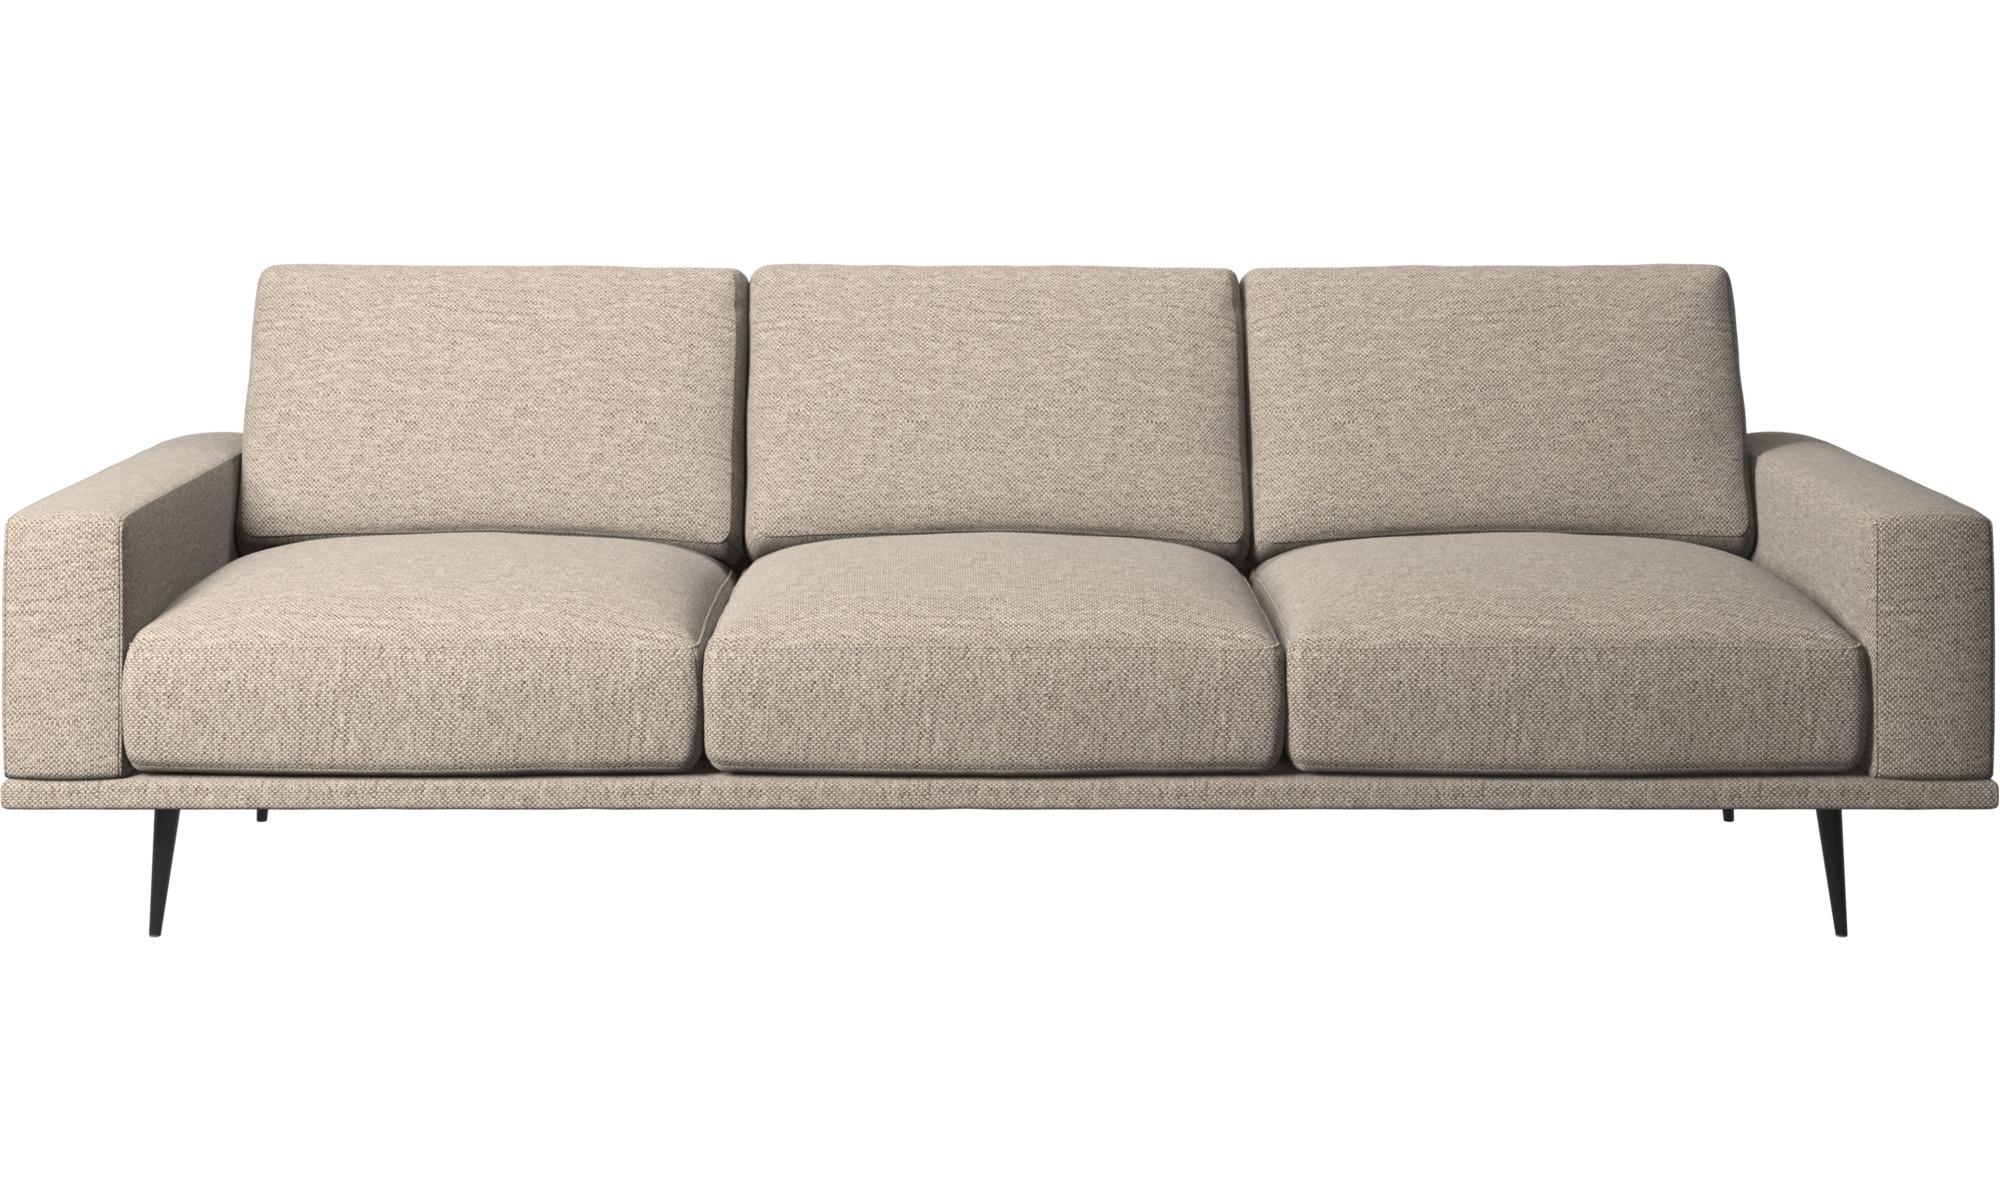 3-sitzer Sofas - Carlton Sofa - Beige - Stoff